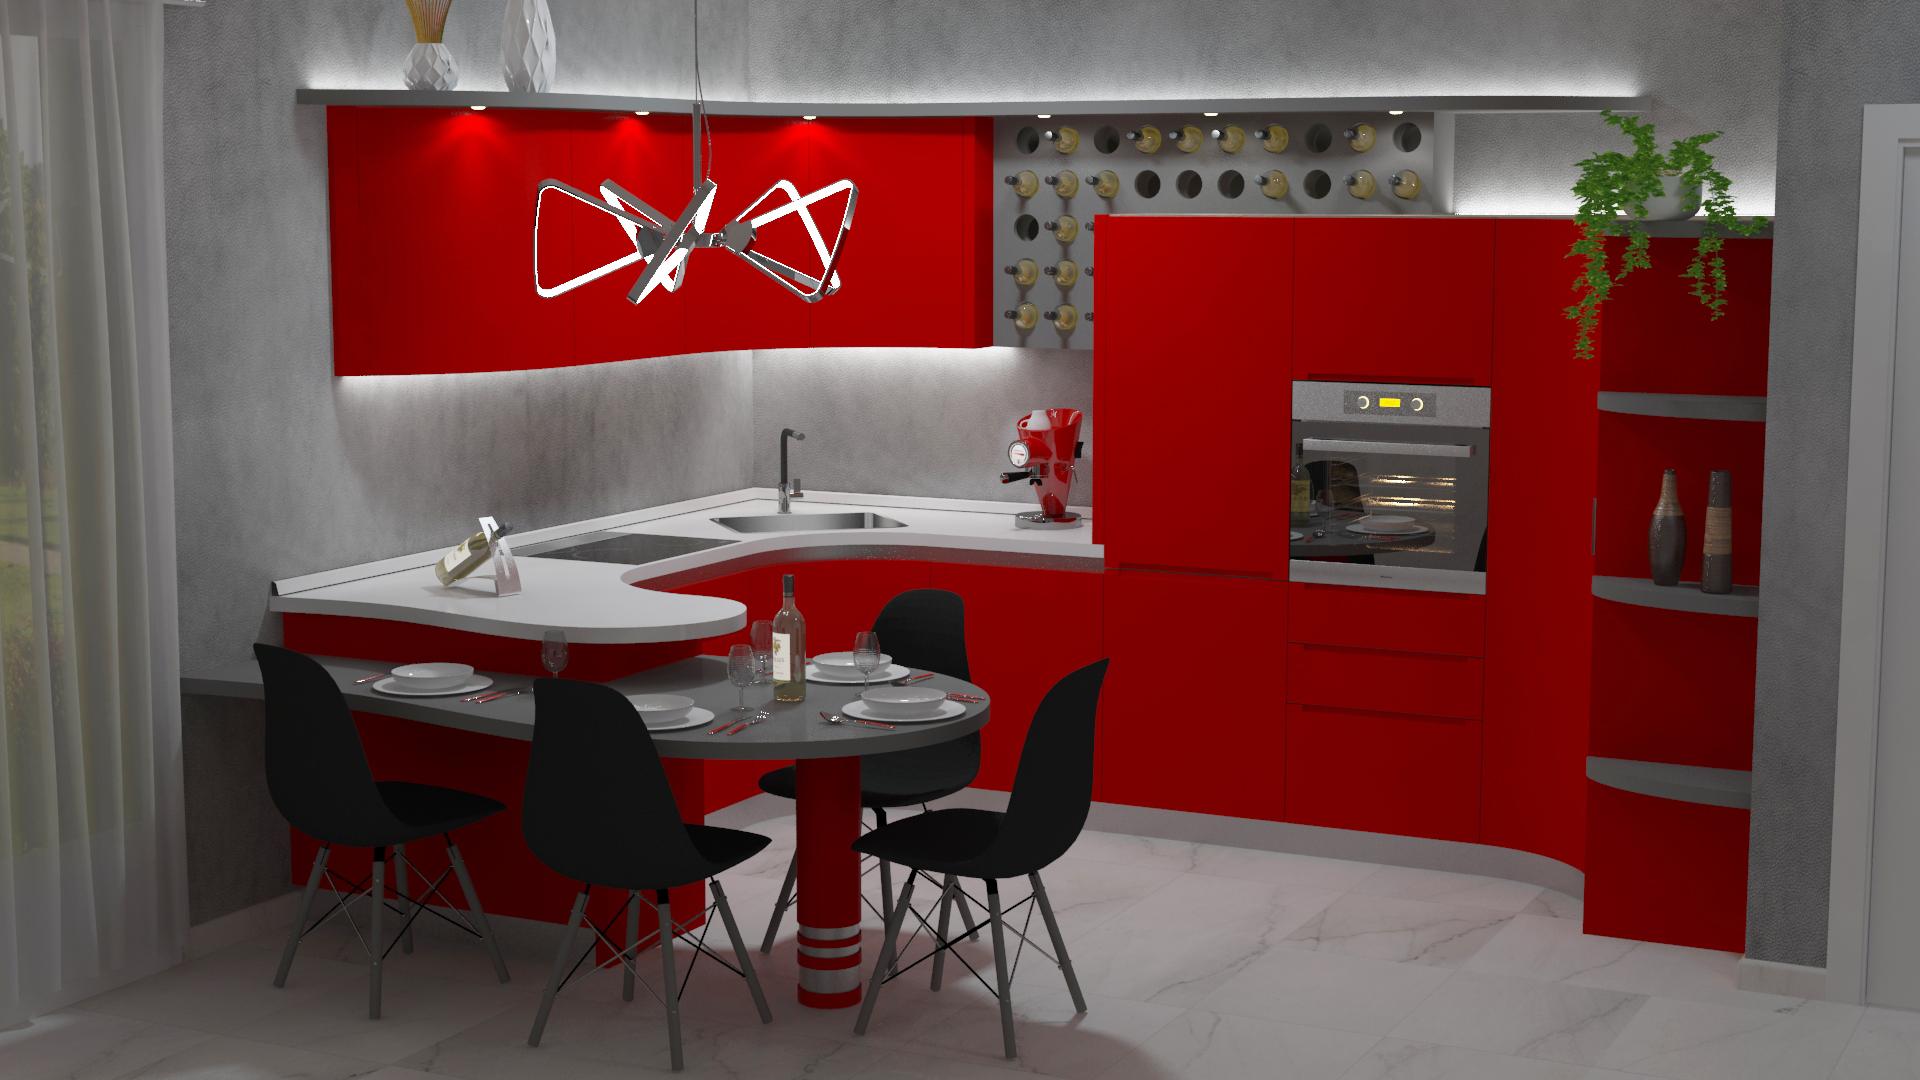 Cucine Con Angolo Cabina.Cambia Colore E La Cucina Si Trasforma Progetti Midarte